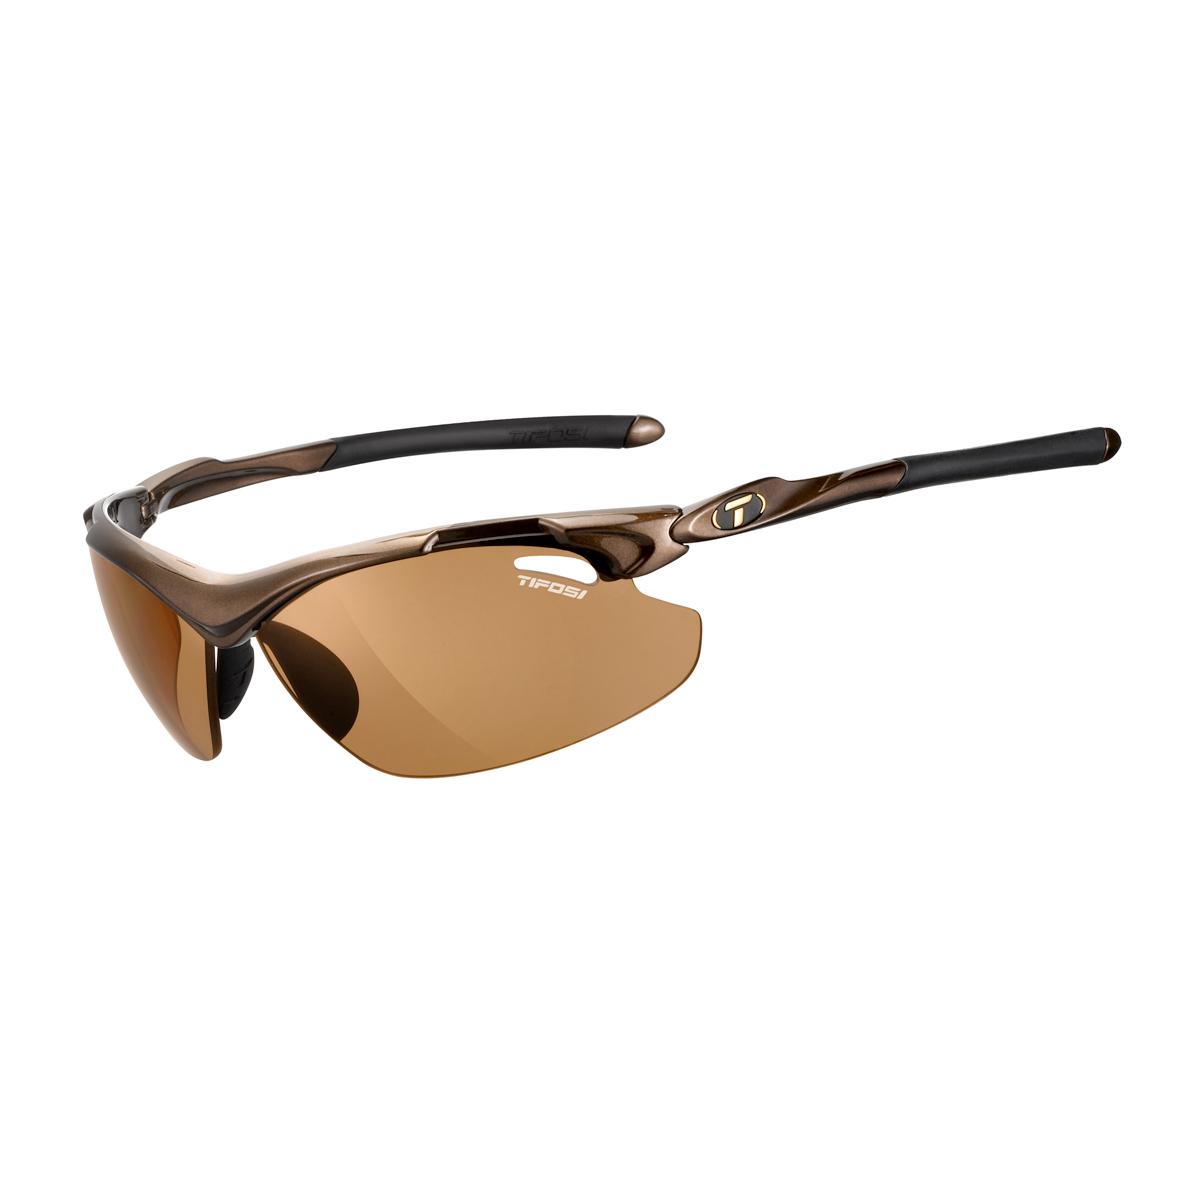 3b990b2c771 Tifosi TYRANT 2.0 Mocha Polarized FOTOTEC Sunglasses ...